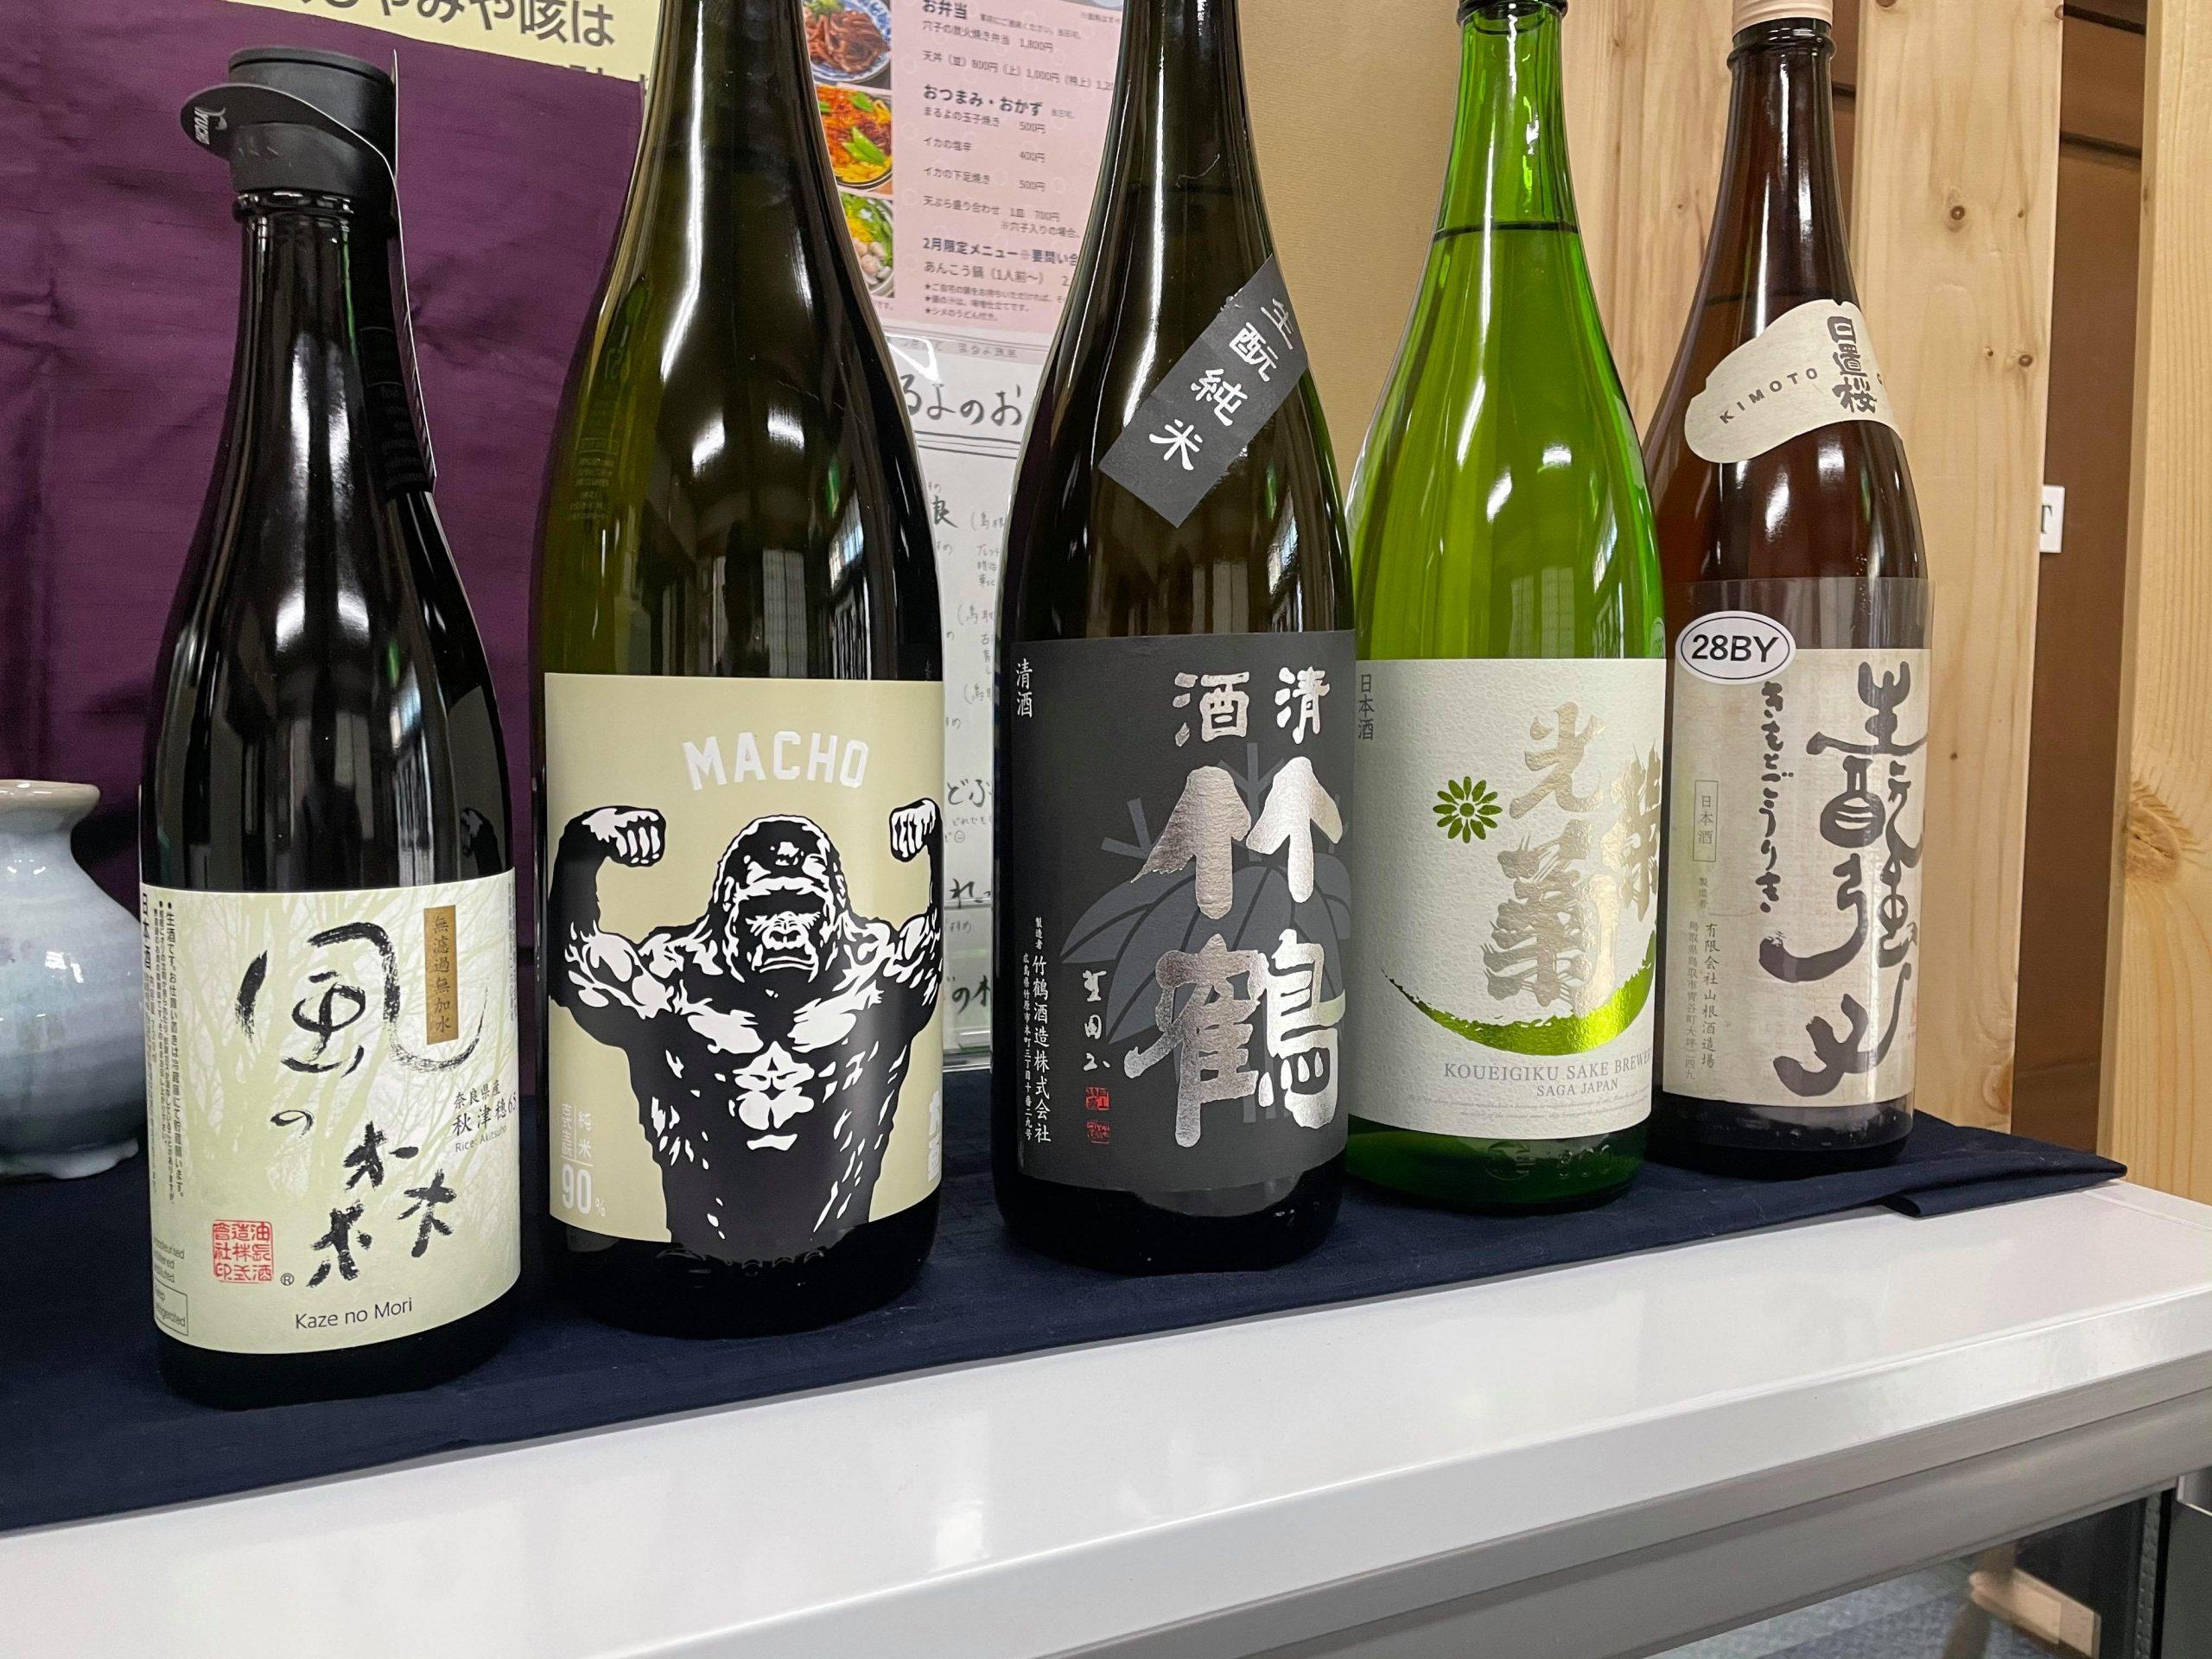 【3月】日本酒ときやセレクション